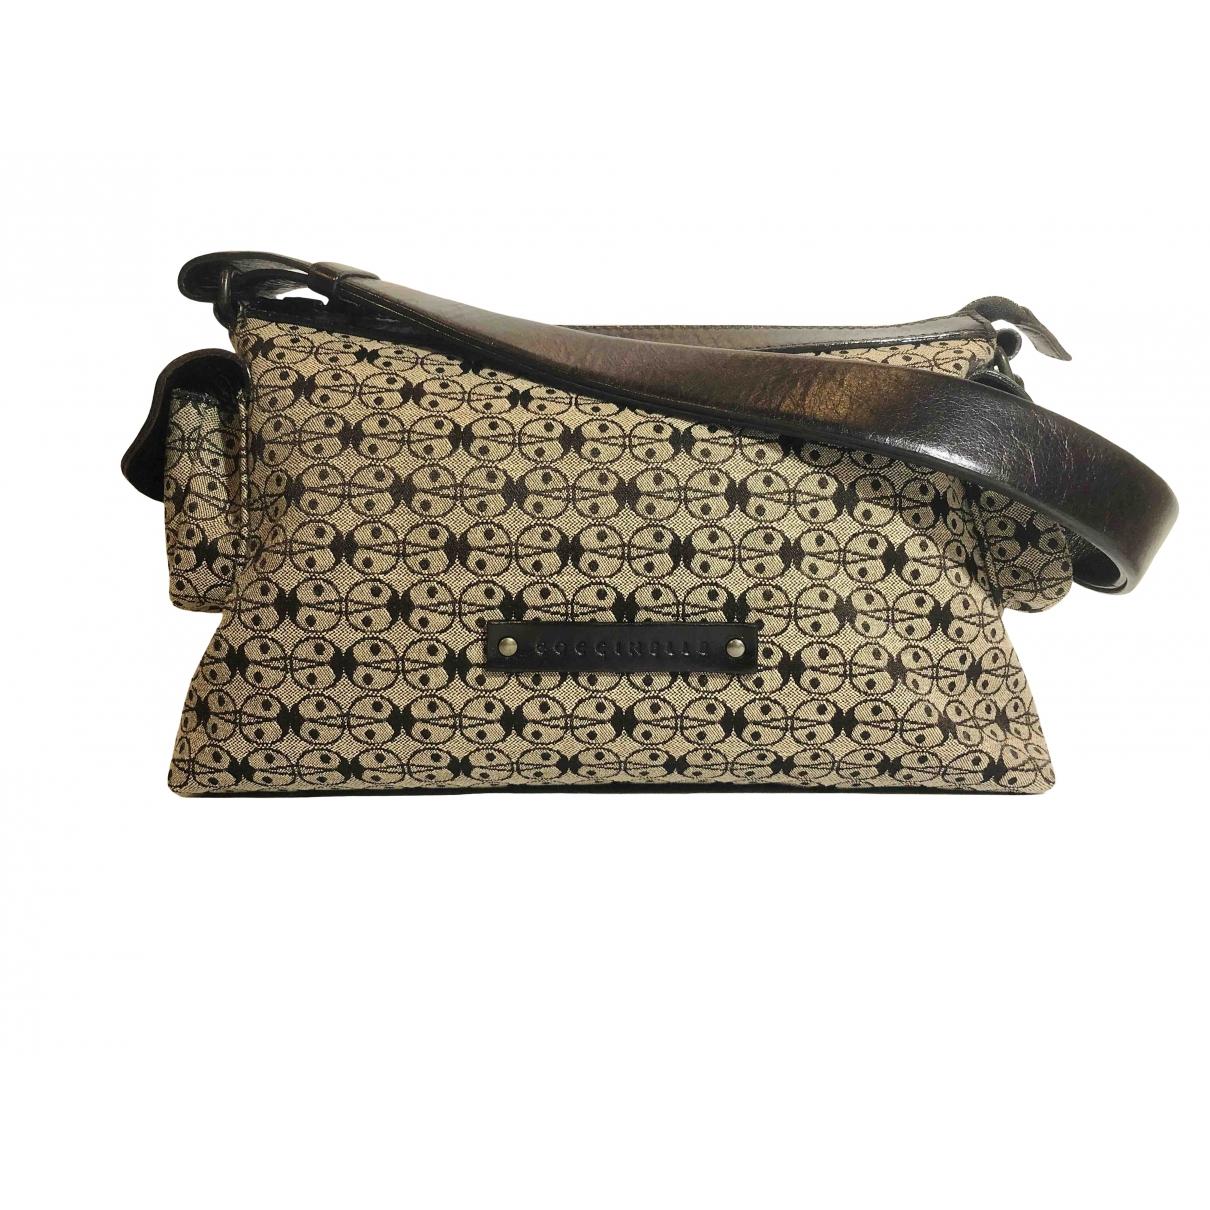 Coccinelle \N Handtasche in  Beige Leinen